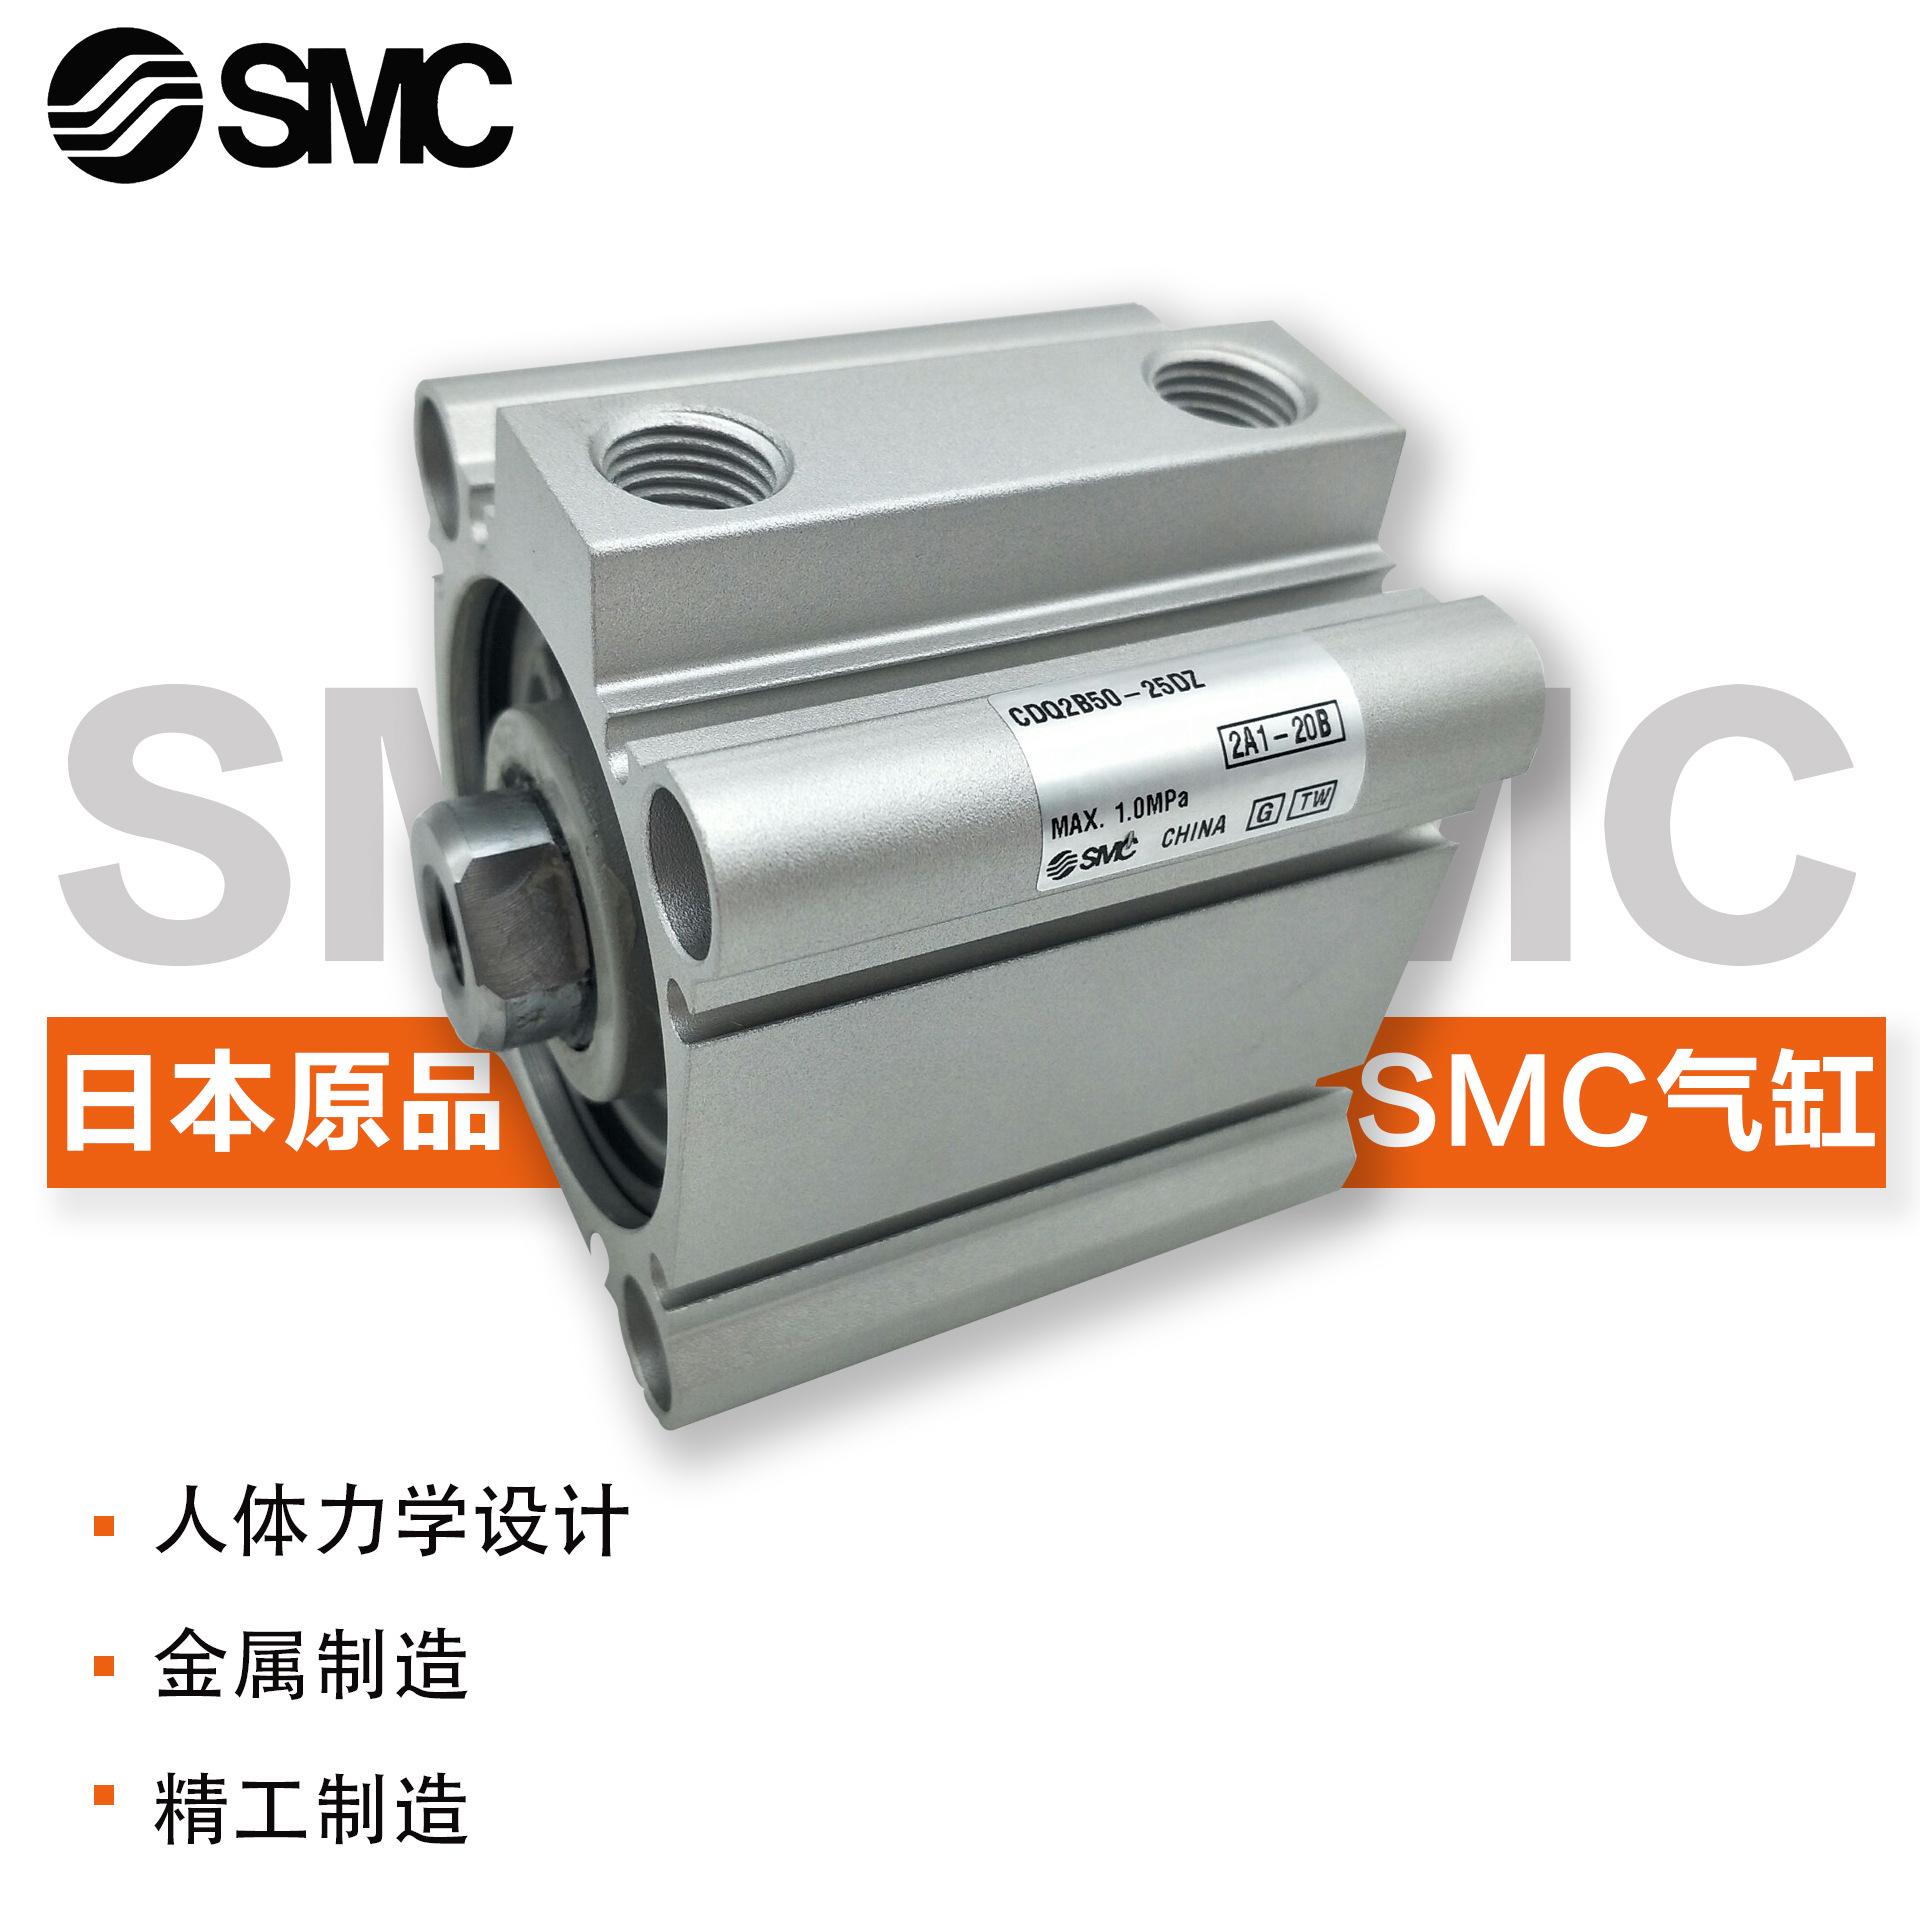 SMC Ống xilanh Nhật Bản xi lanh chính hãng chính hãng phân phối xi lanh mỏng CDQ2B32-10DZ chính hãng